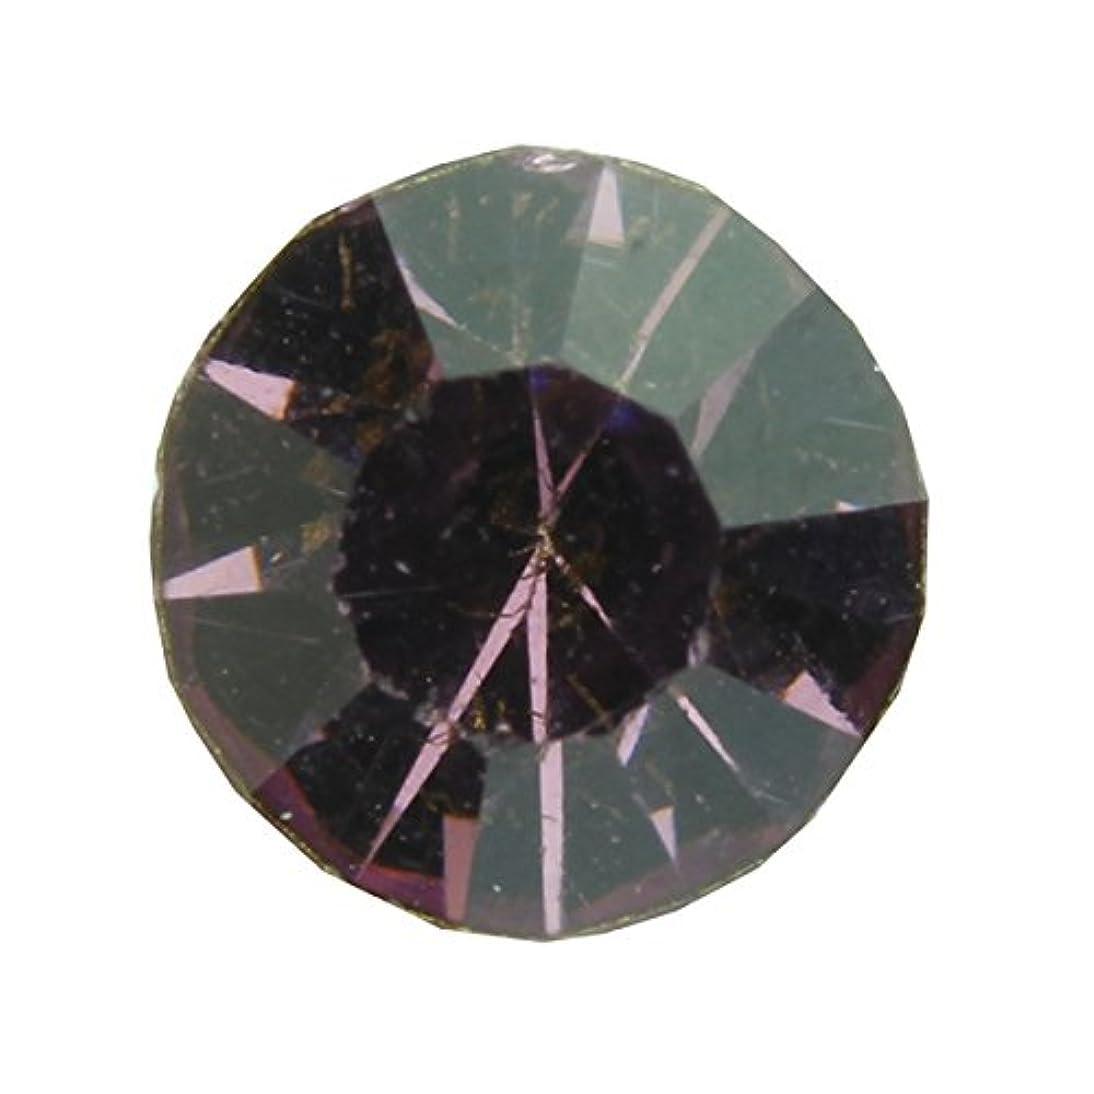 クランシースイス人ワームアクリルストーンVカット ss12(約3.0mm)(30個入り) アメジスト